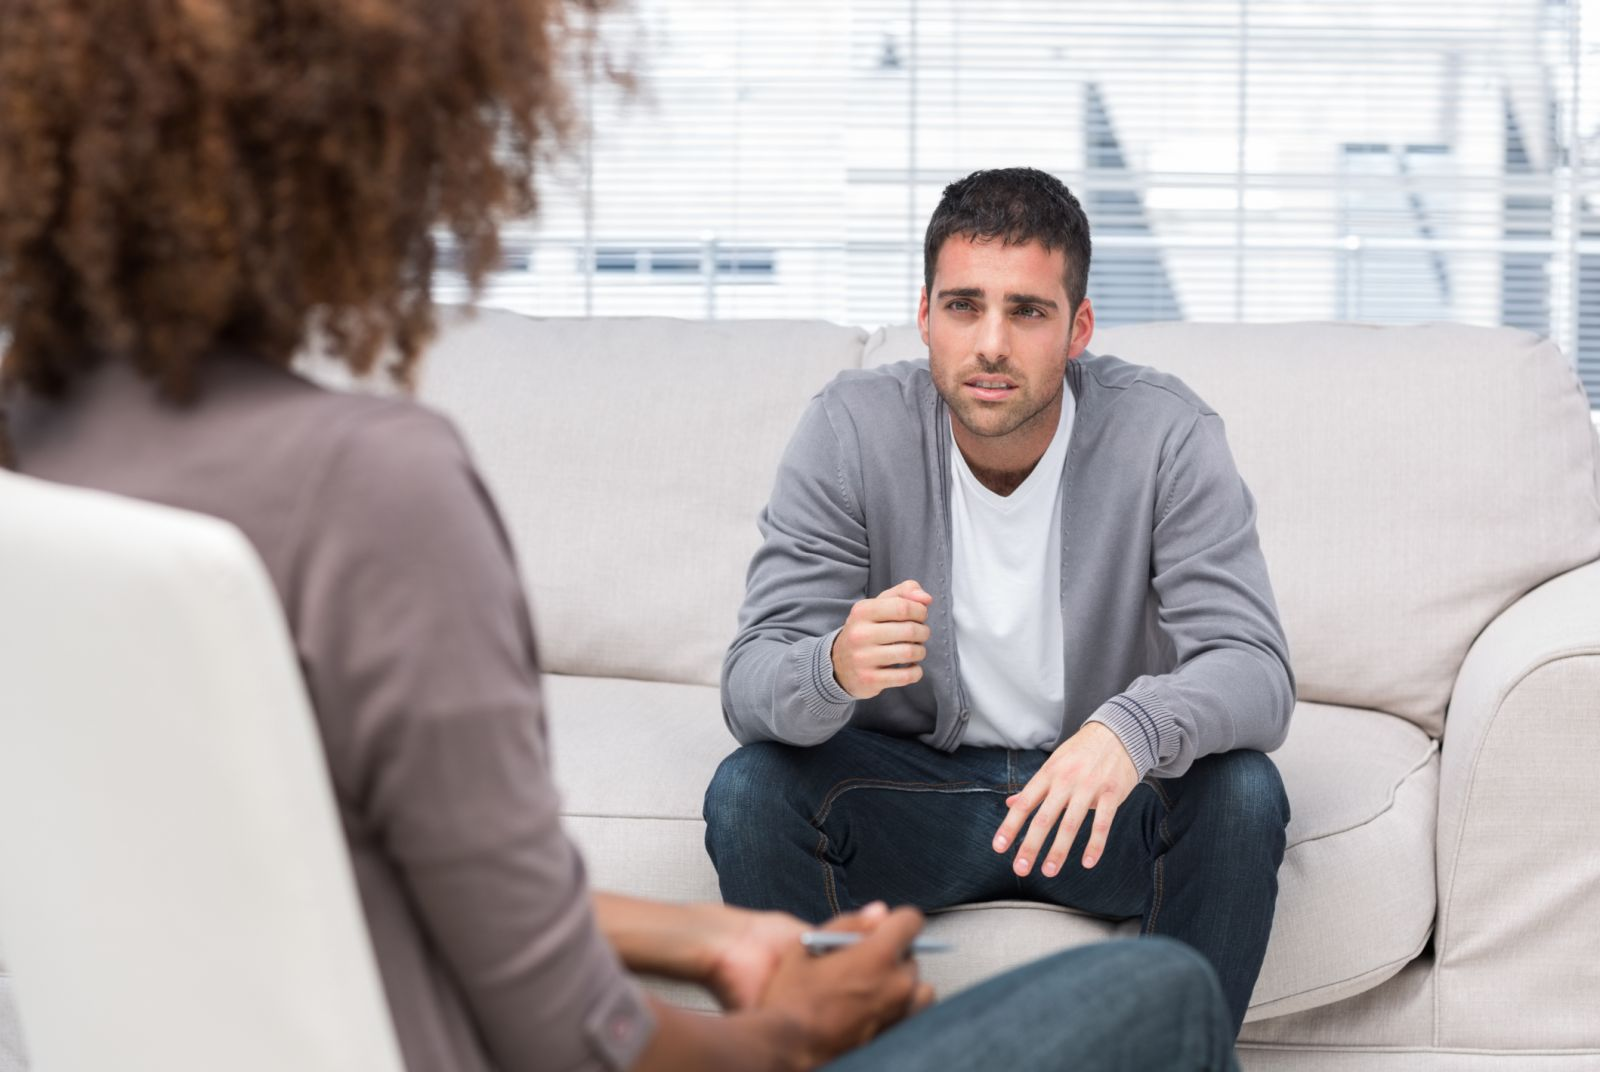 7 Mitos Sobre Visitar un Psicólogo